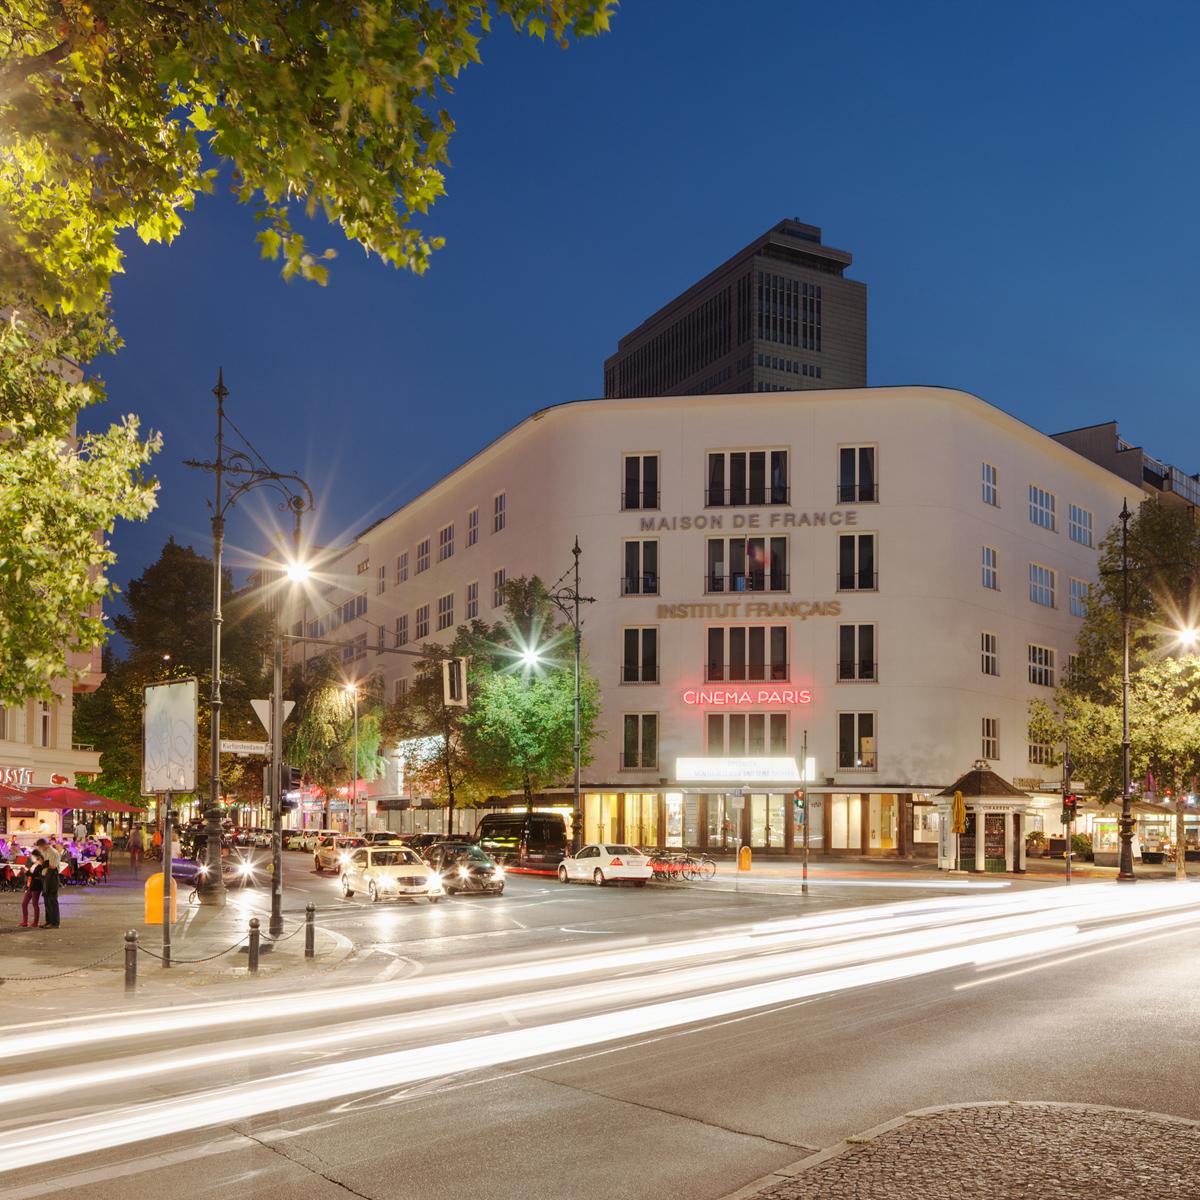 Cinema Paris in Berlin © Yorck Kinogruppe | Daniel Horn 1